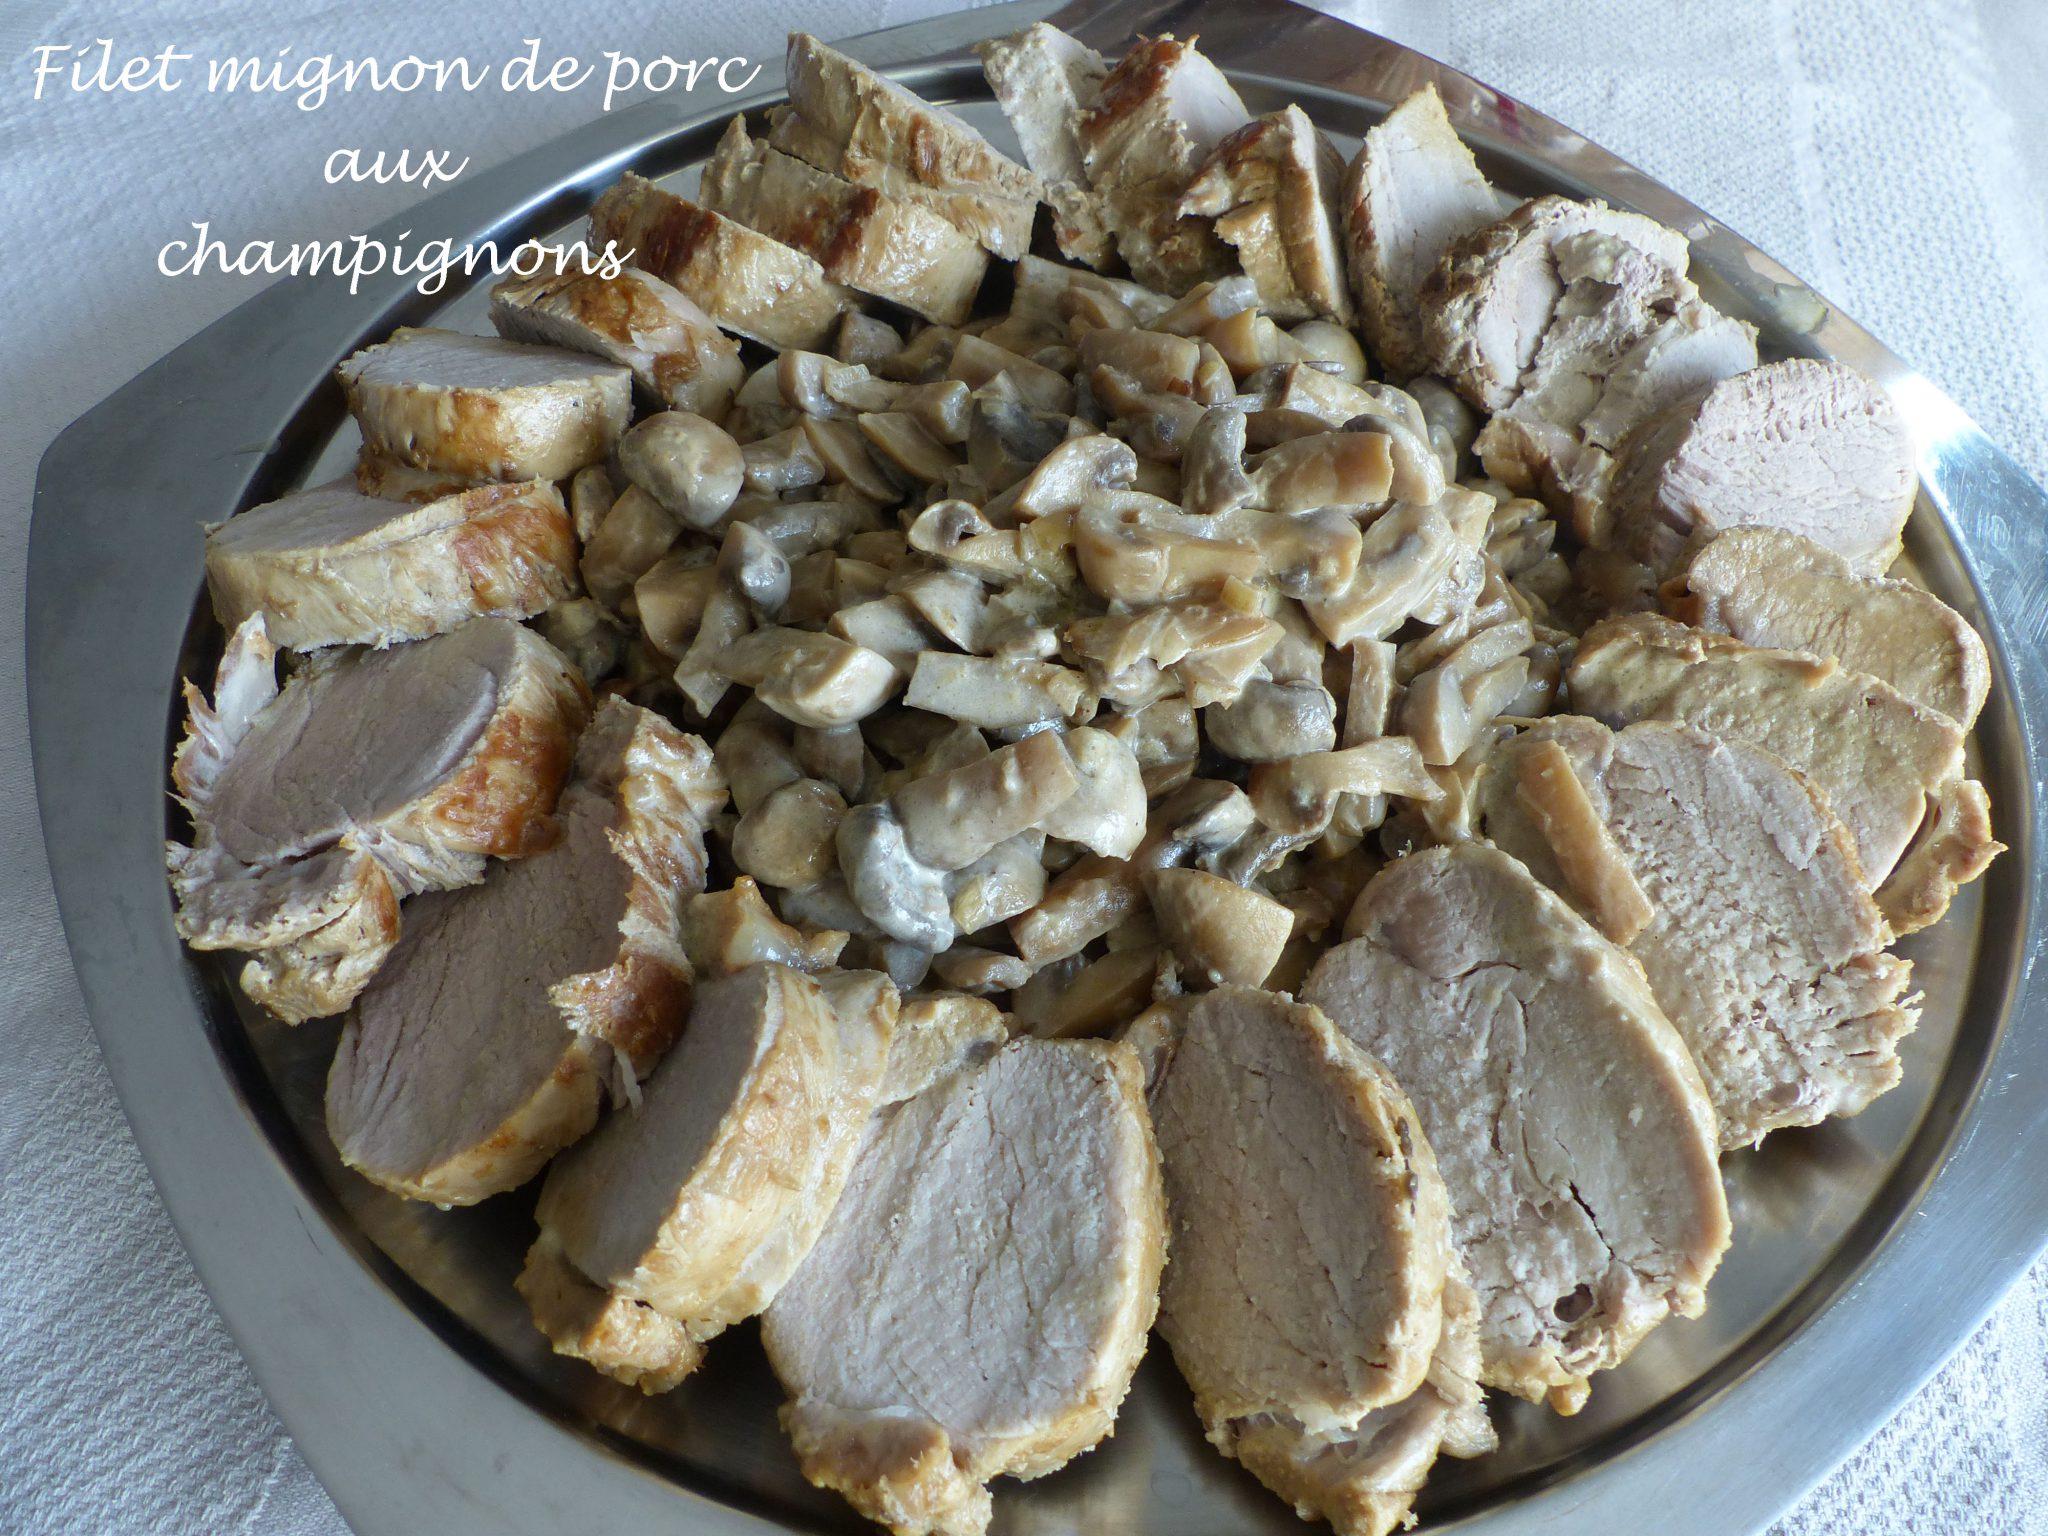 Filet mignon de porc aux champignons P1130605 R